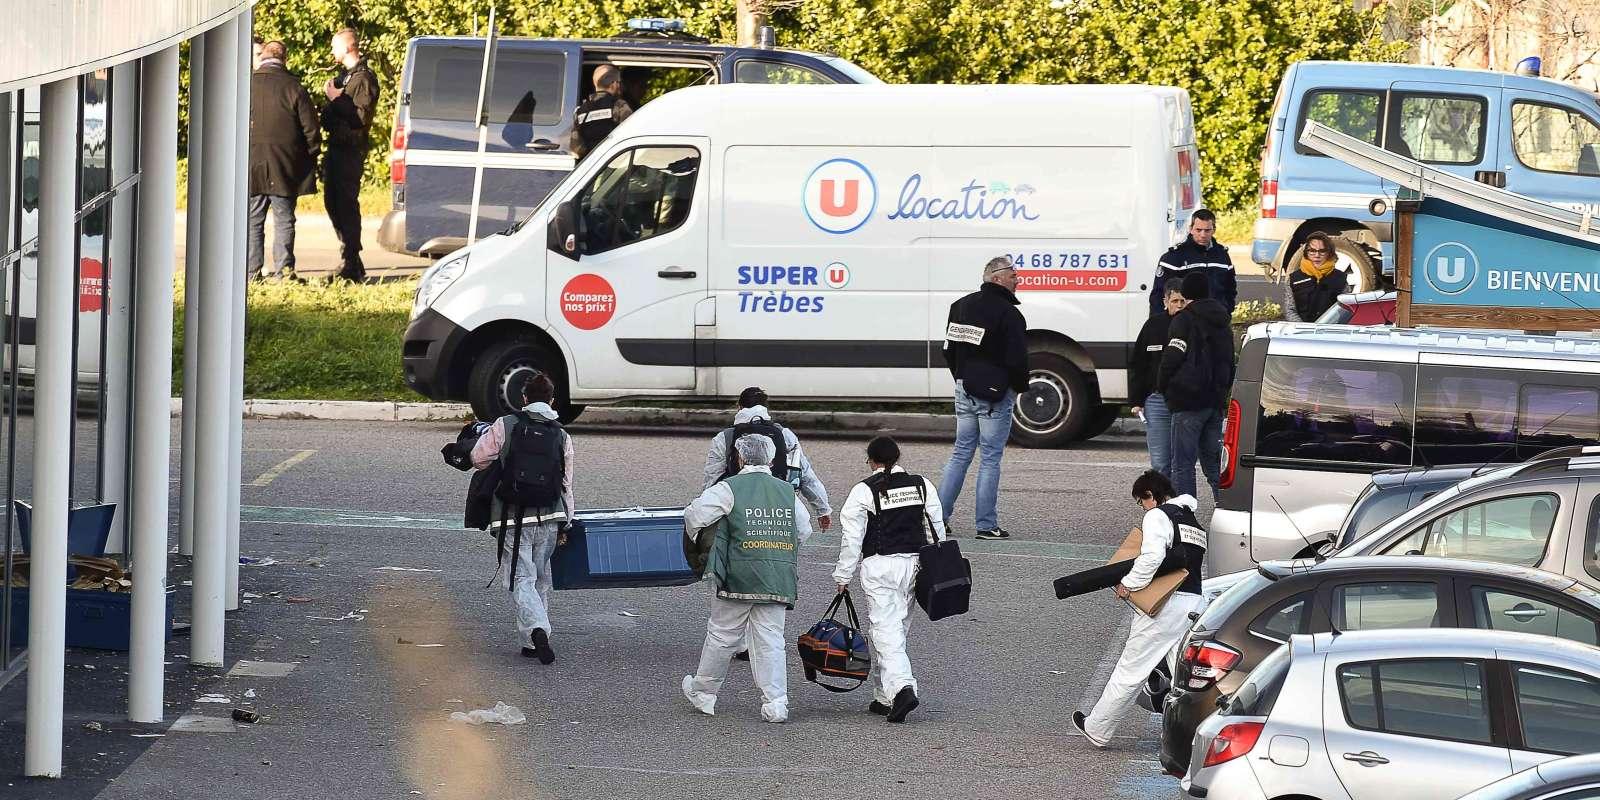 L'assaut a été donné contre un Super U, à Trèbes, où une prise d'otages était en cours vendredi 23 mars. L'organisation Etat islamique a revendiqué les attaques qui ont fait trois morts dans l'Aude. Le preneur d'otages a été abattu.